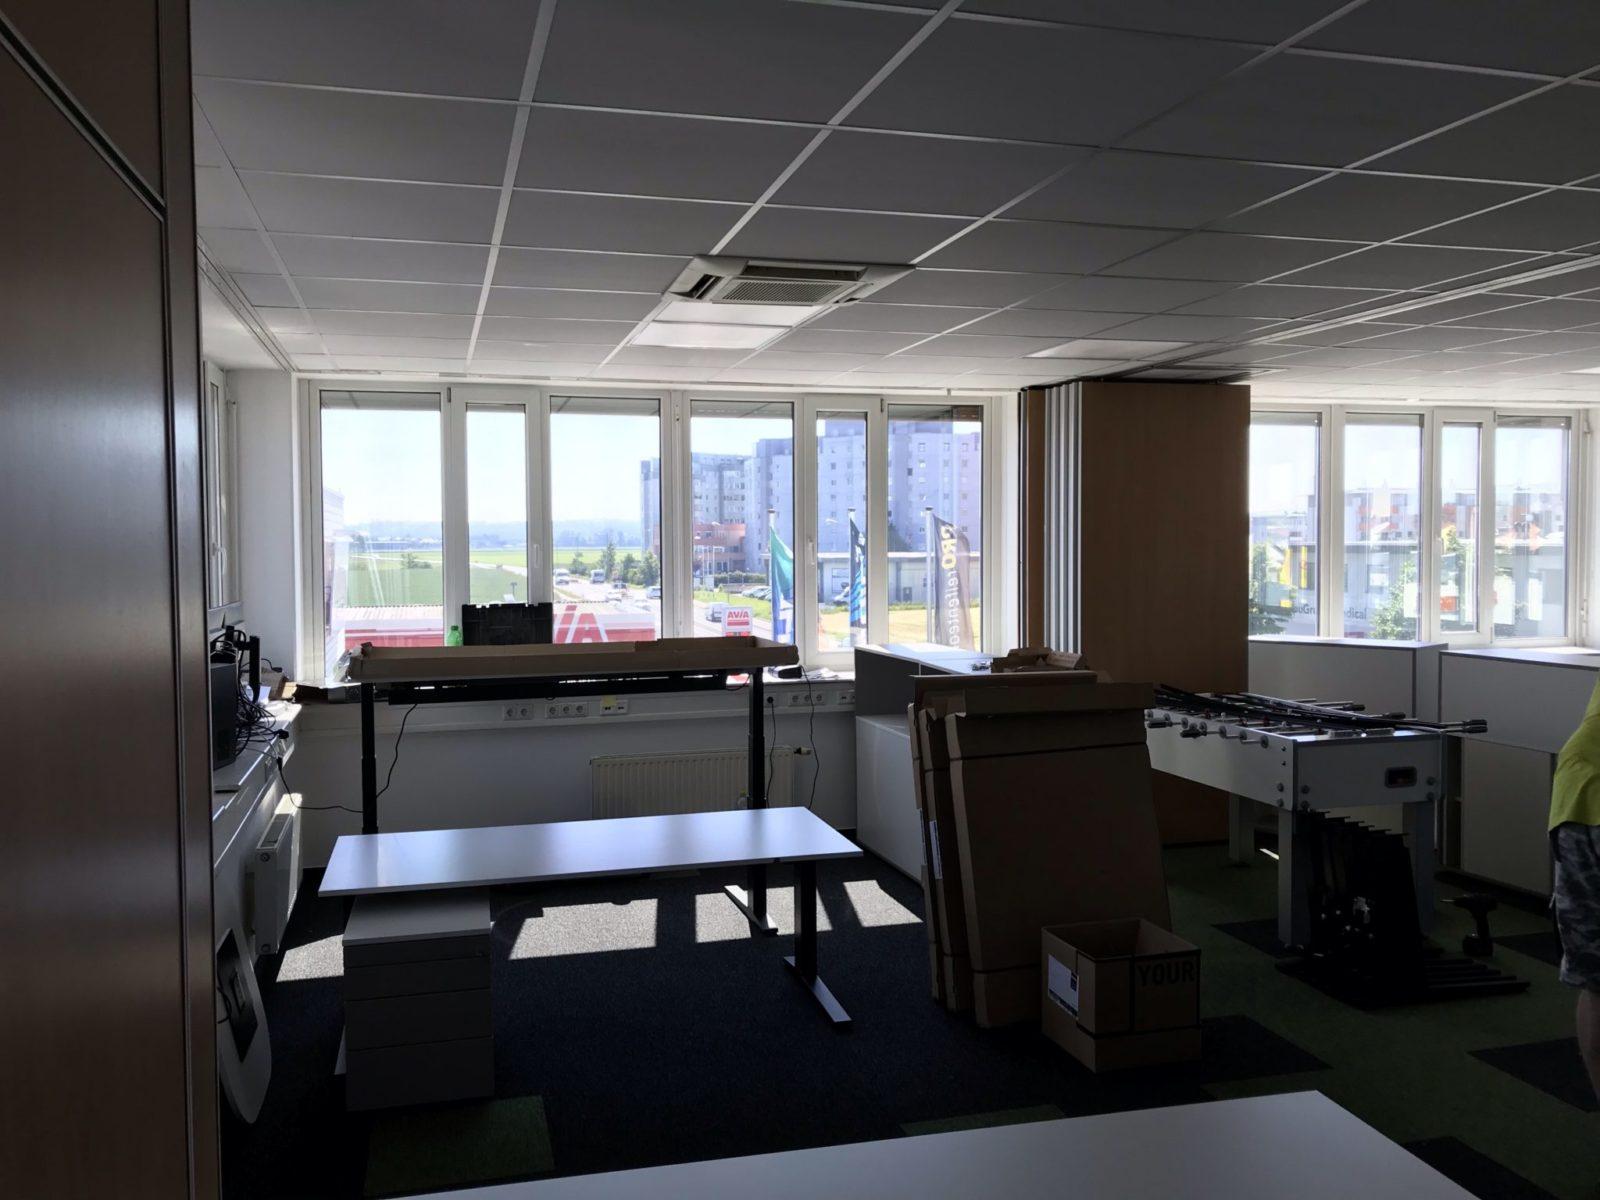 IMG 6645 - Sonnenschutzfolien Firmengebäude